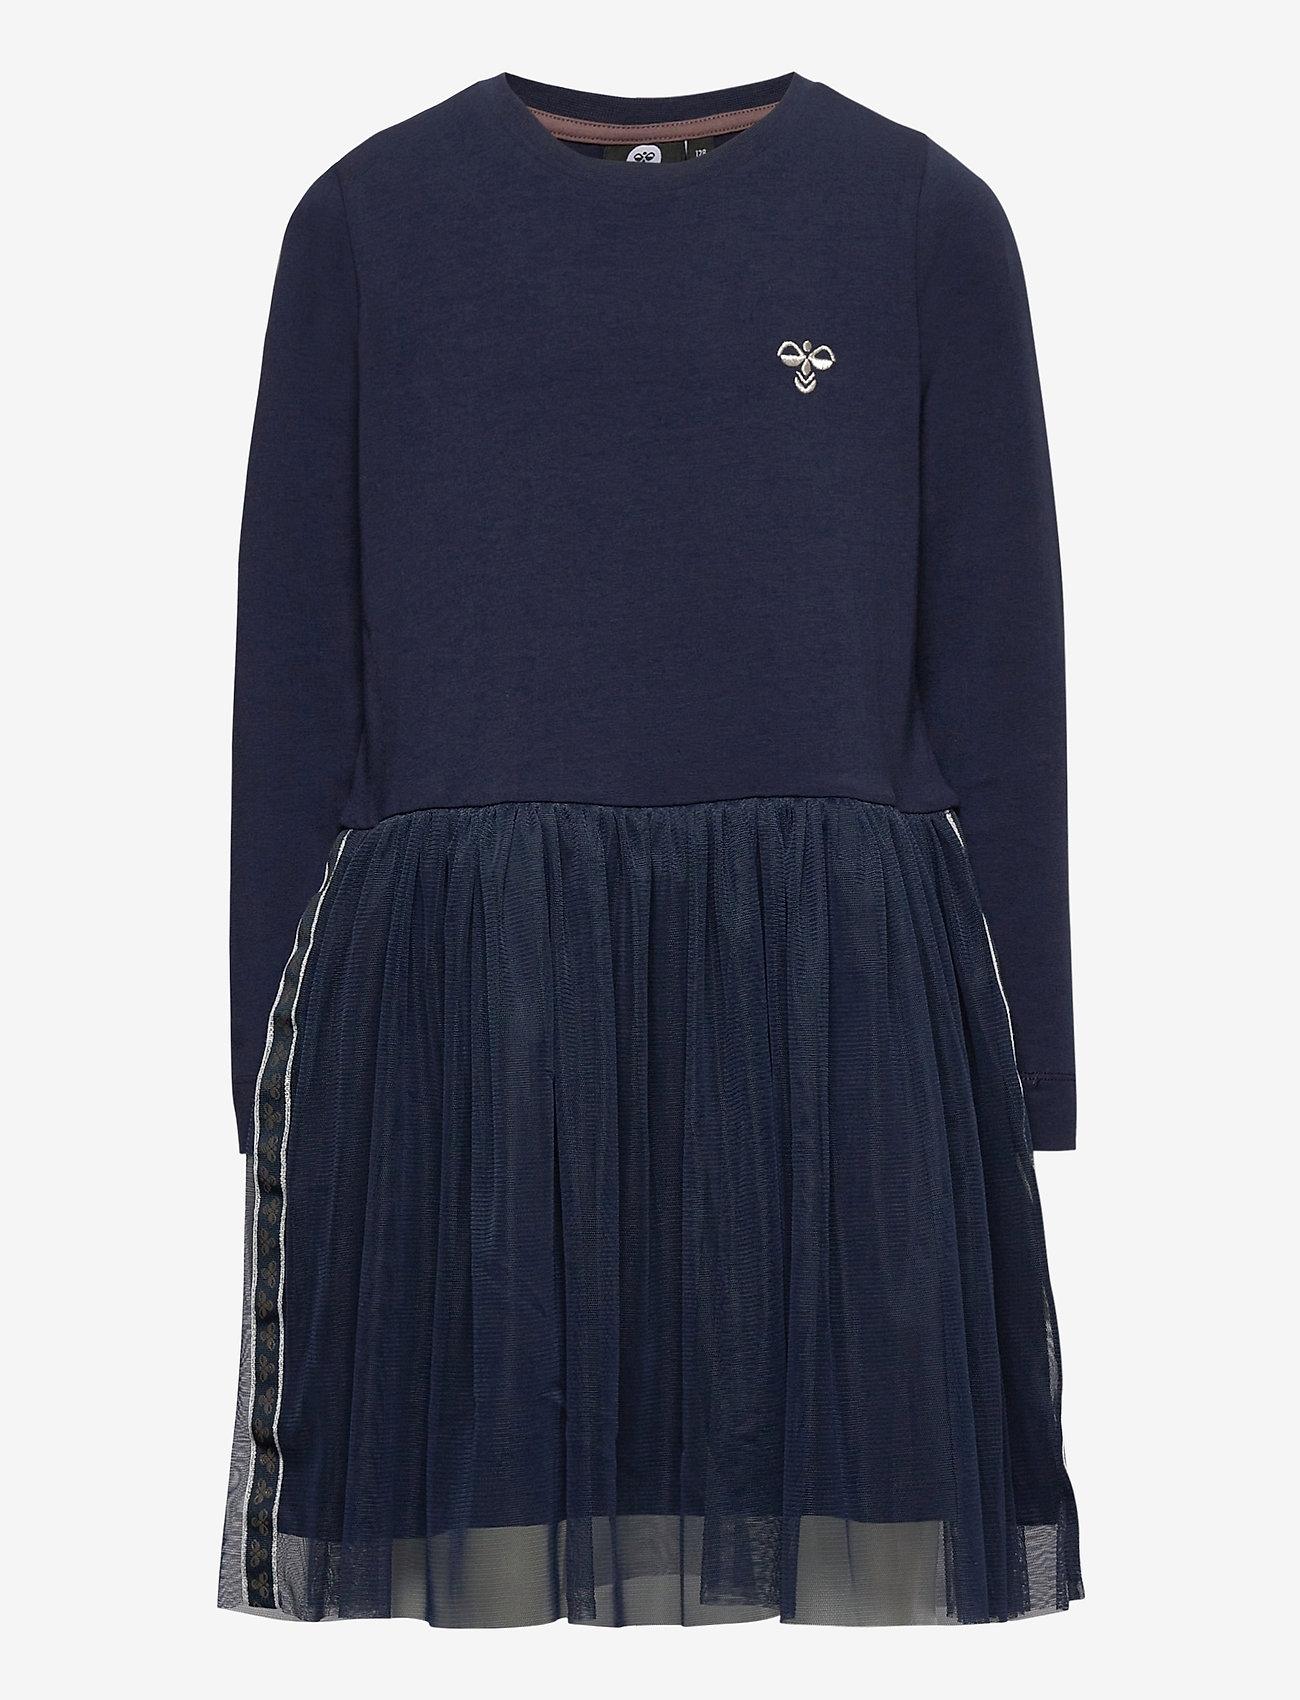 Hummel - hmlMAE DRESS L/S - dresses - black iris - 0